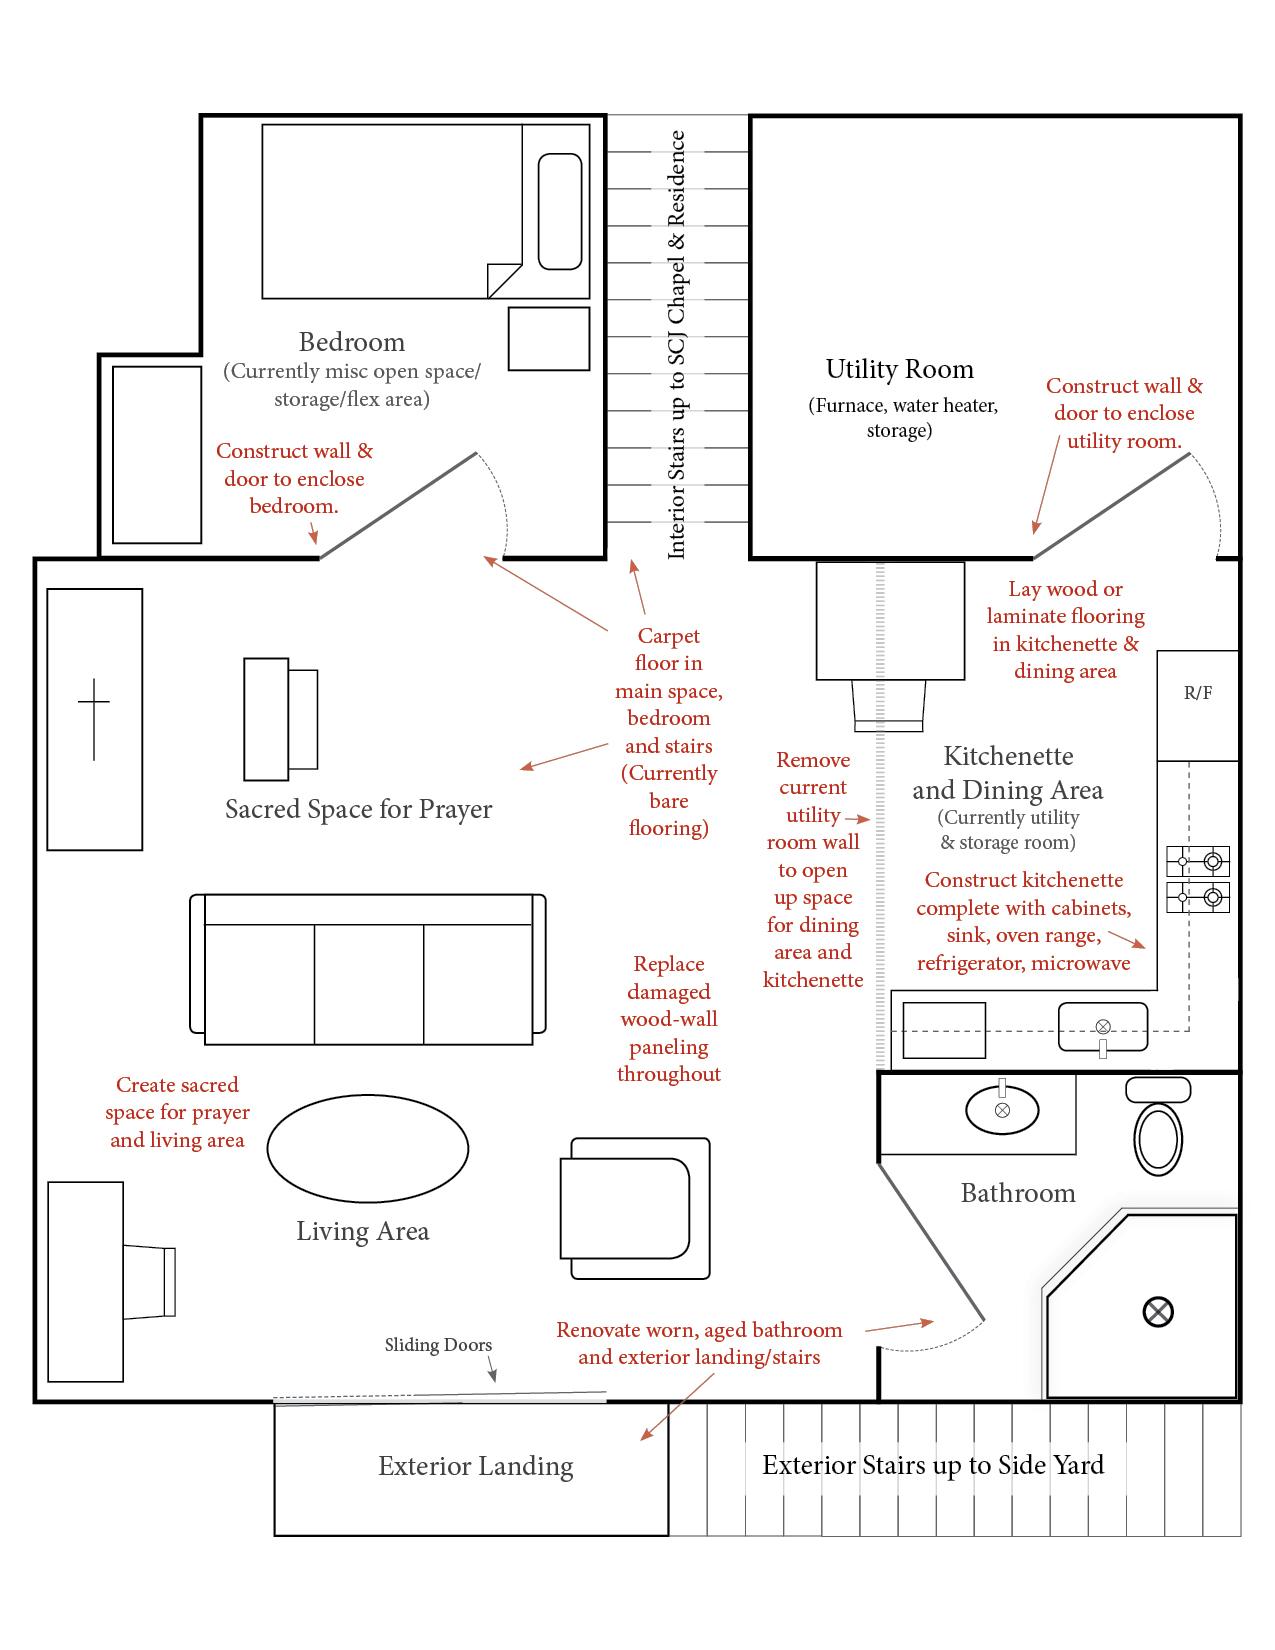 hermitage floor plan.jpg